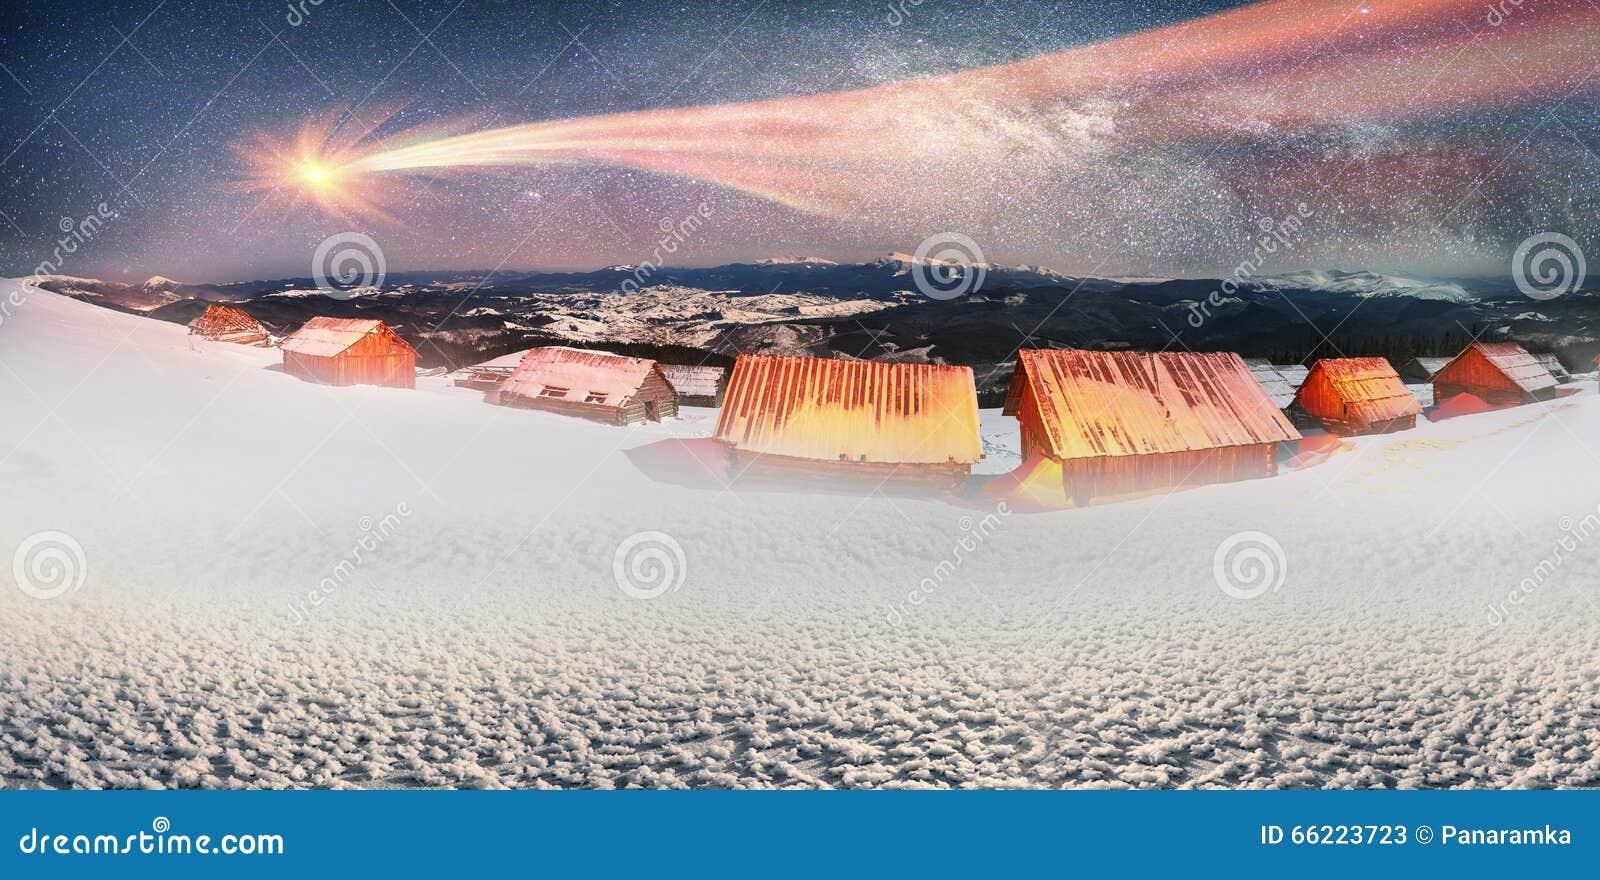 Komet über Den Häusern Der Schäfer Stockbild - Bild von leuchte ...